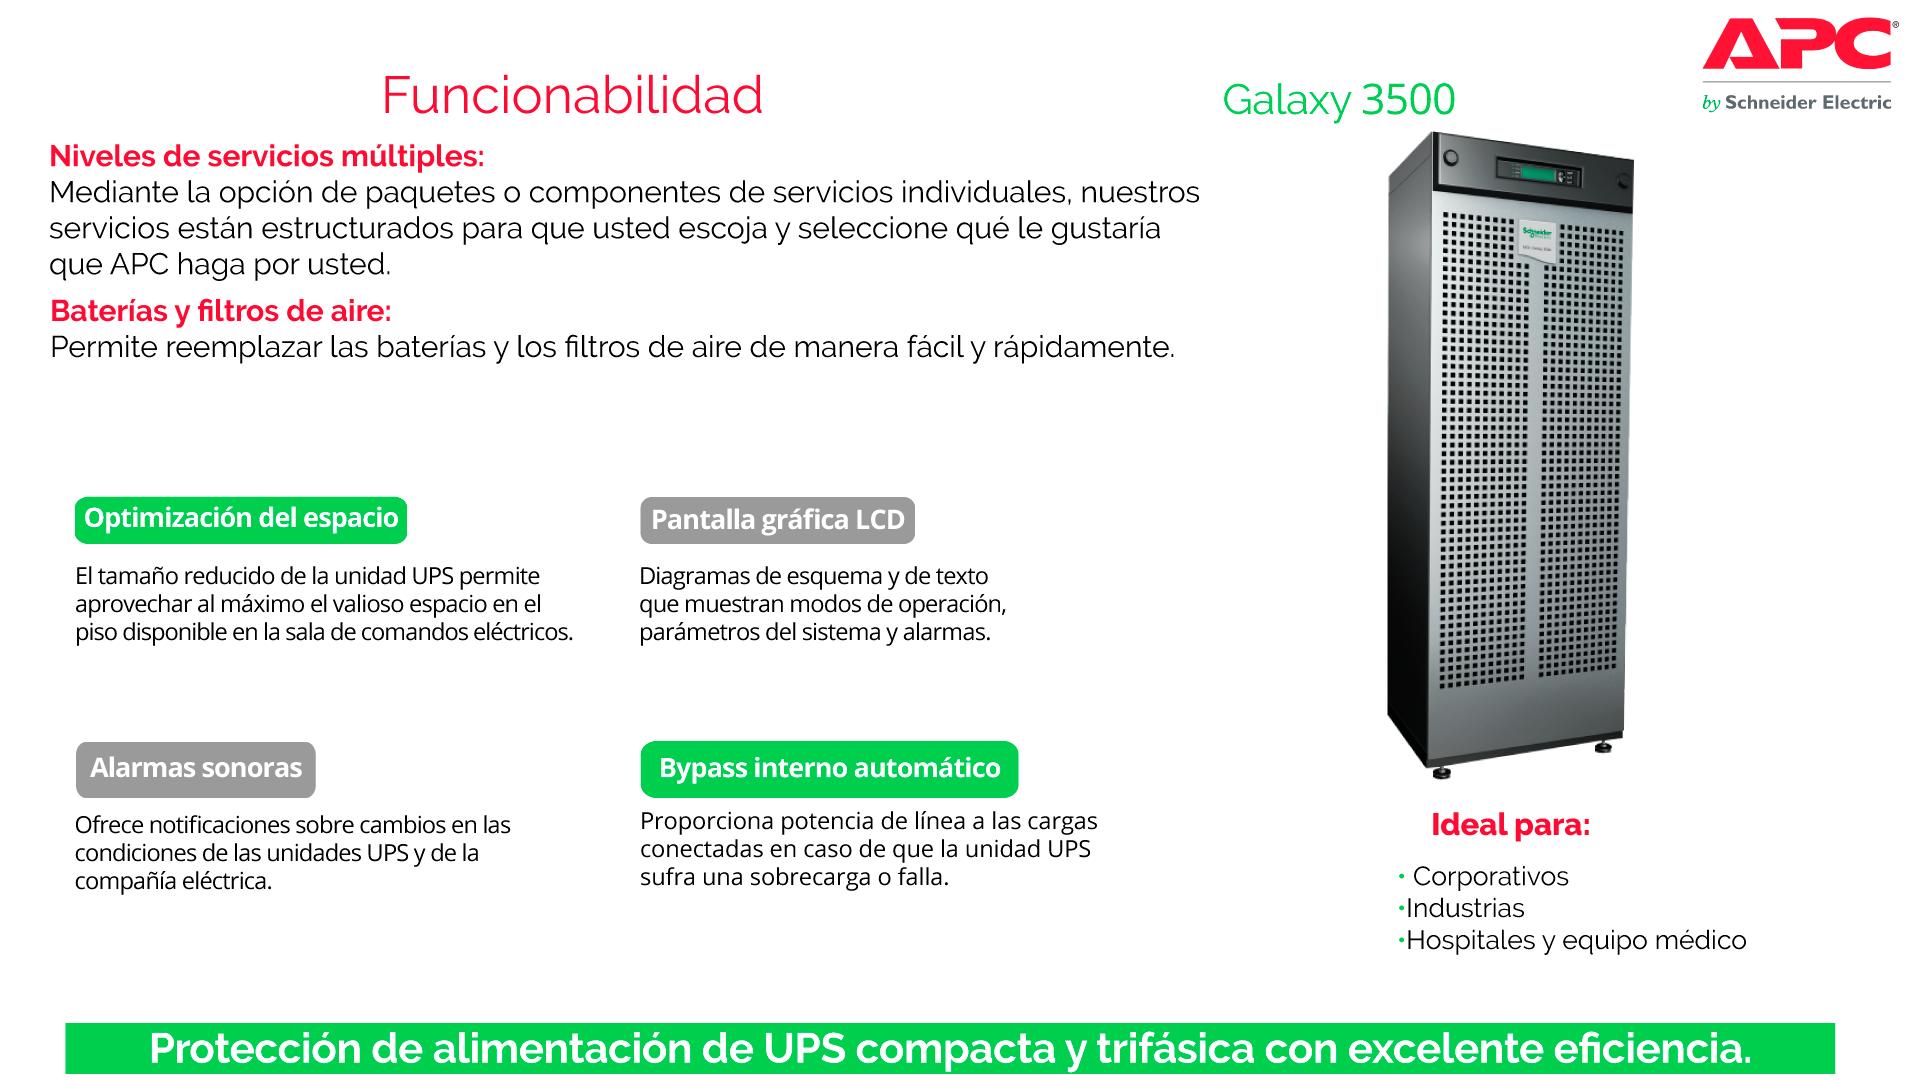 Galaxy 3500